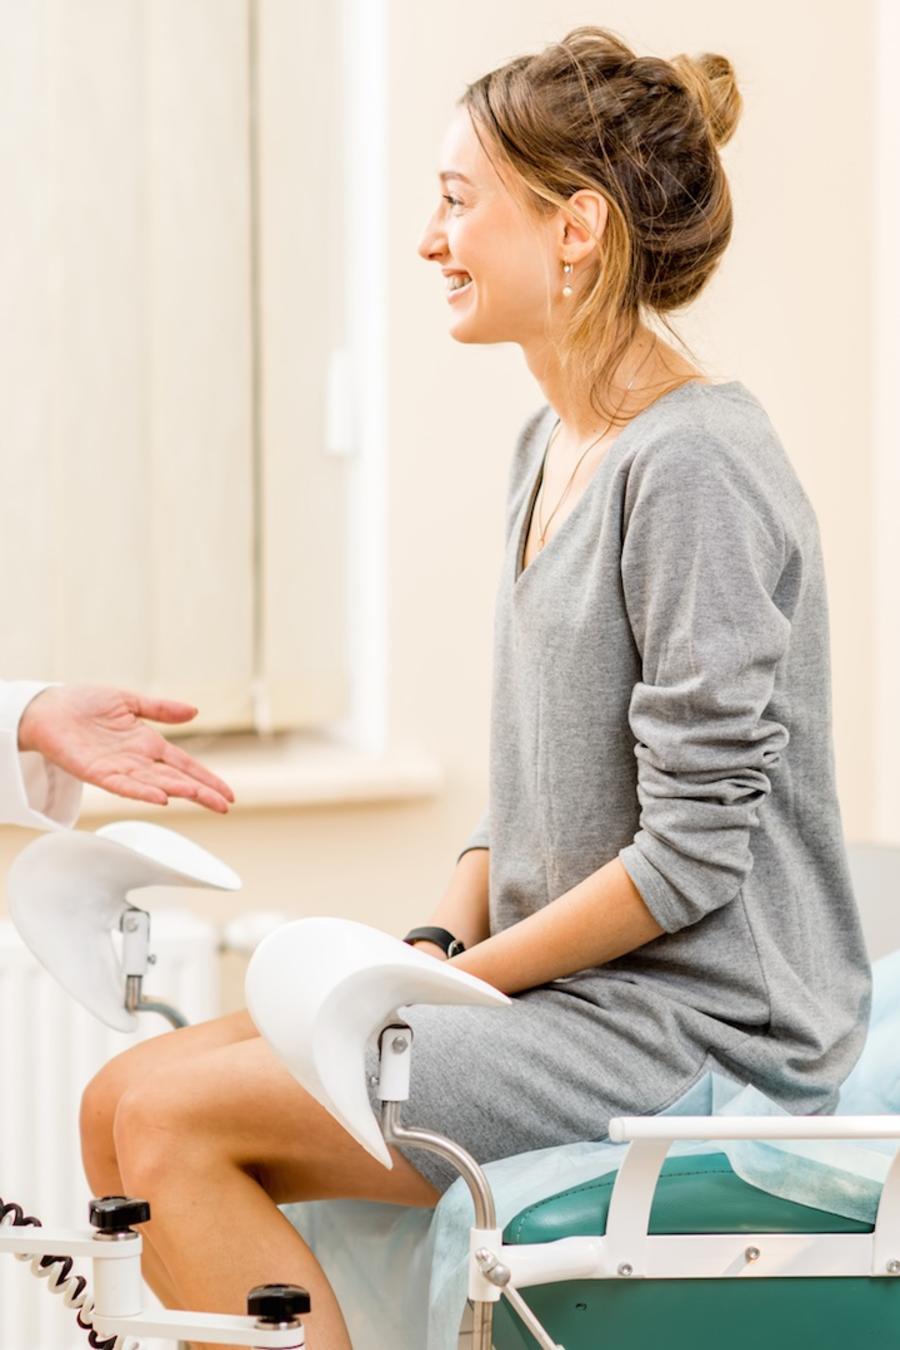 Ginecóloga y paciente